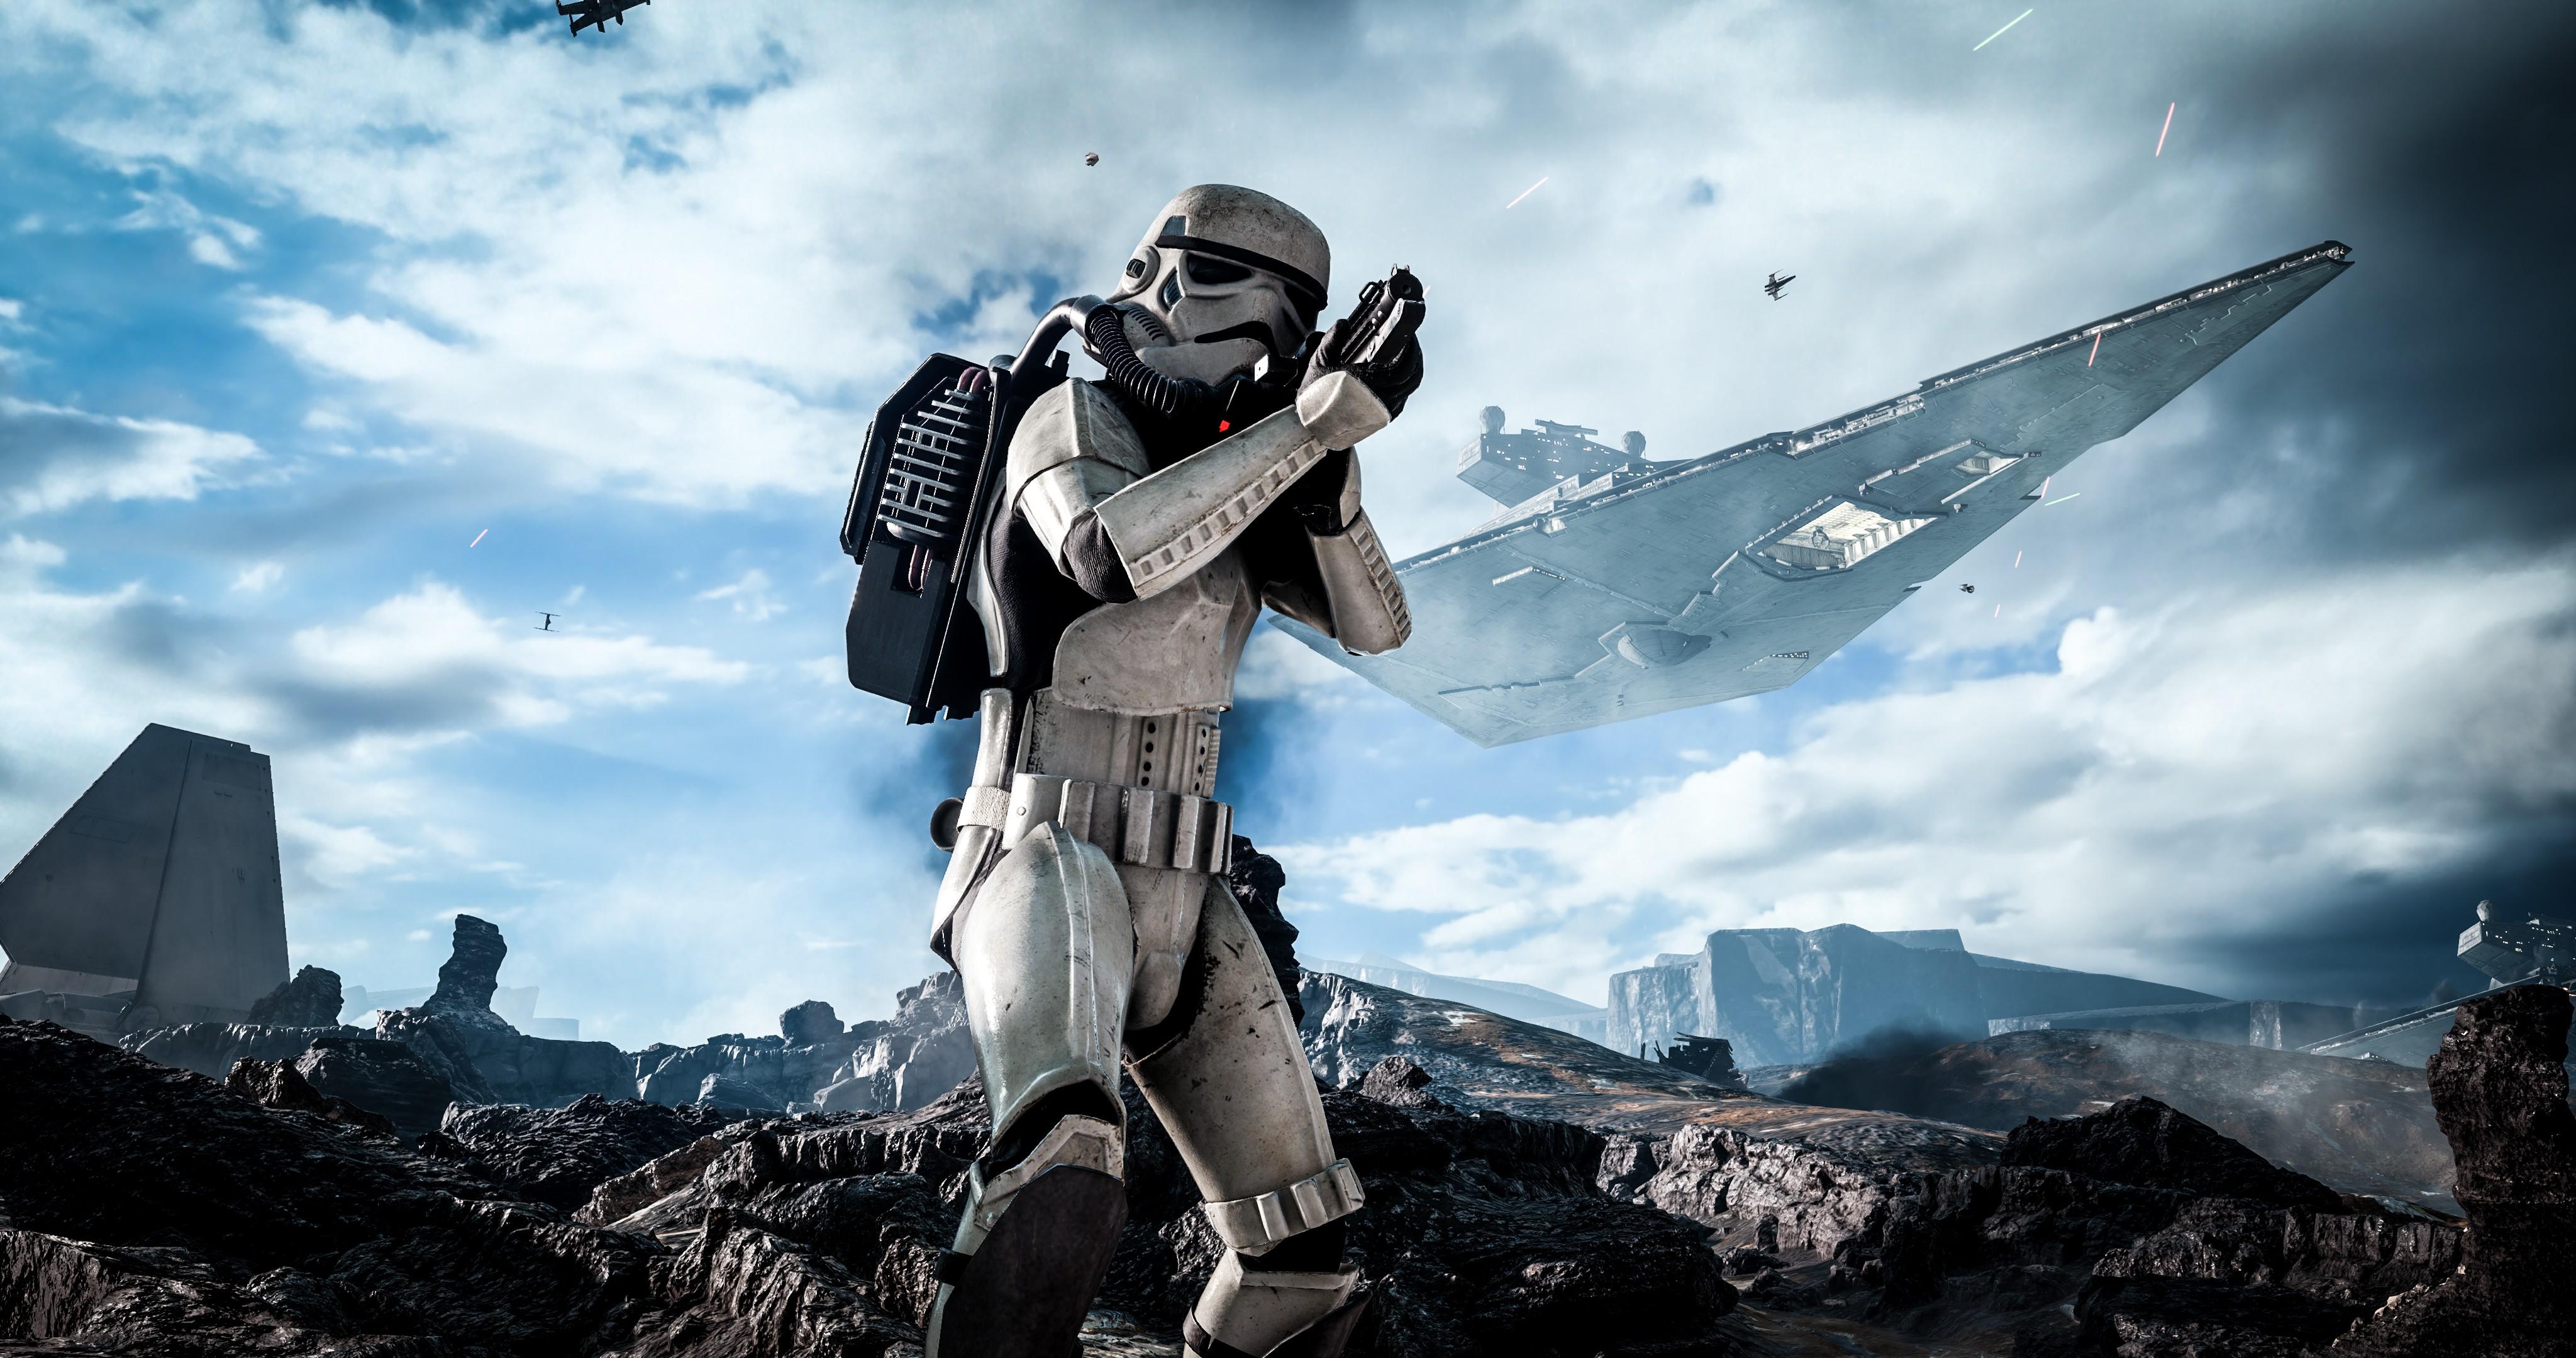 4k Wallpaper Star Wars Stormtrooper 4096x2160 Wallpaper Teahub Io